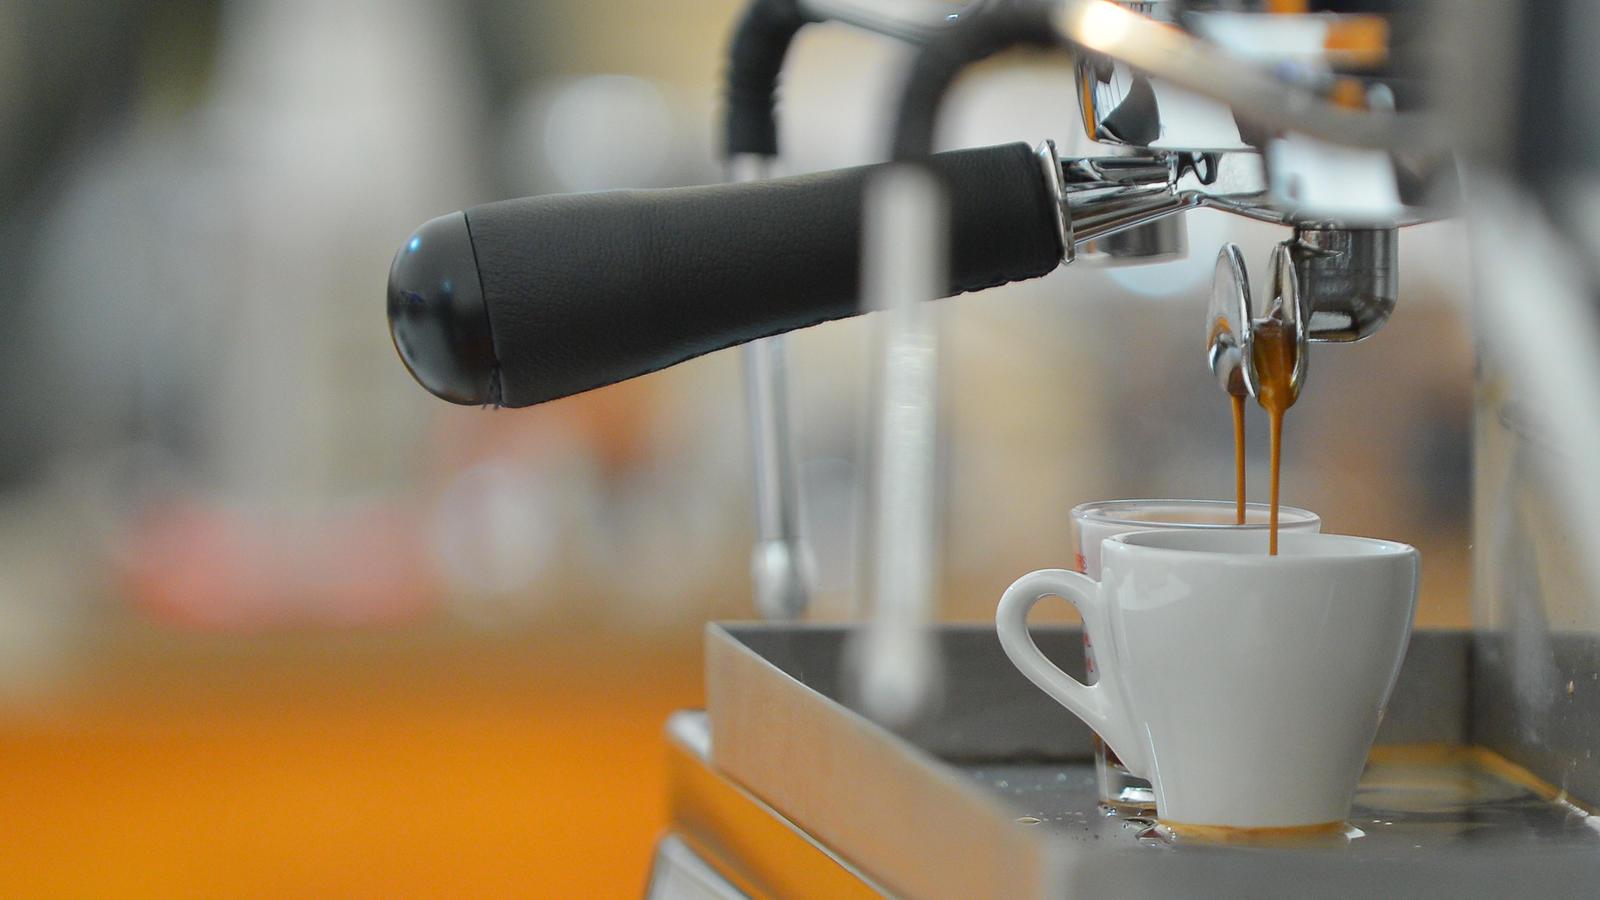 Espressomaschine brüht frischen Espresso